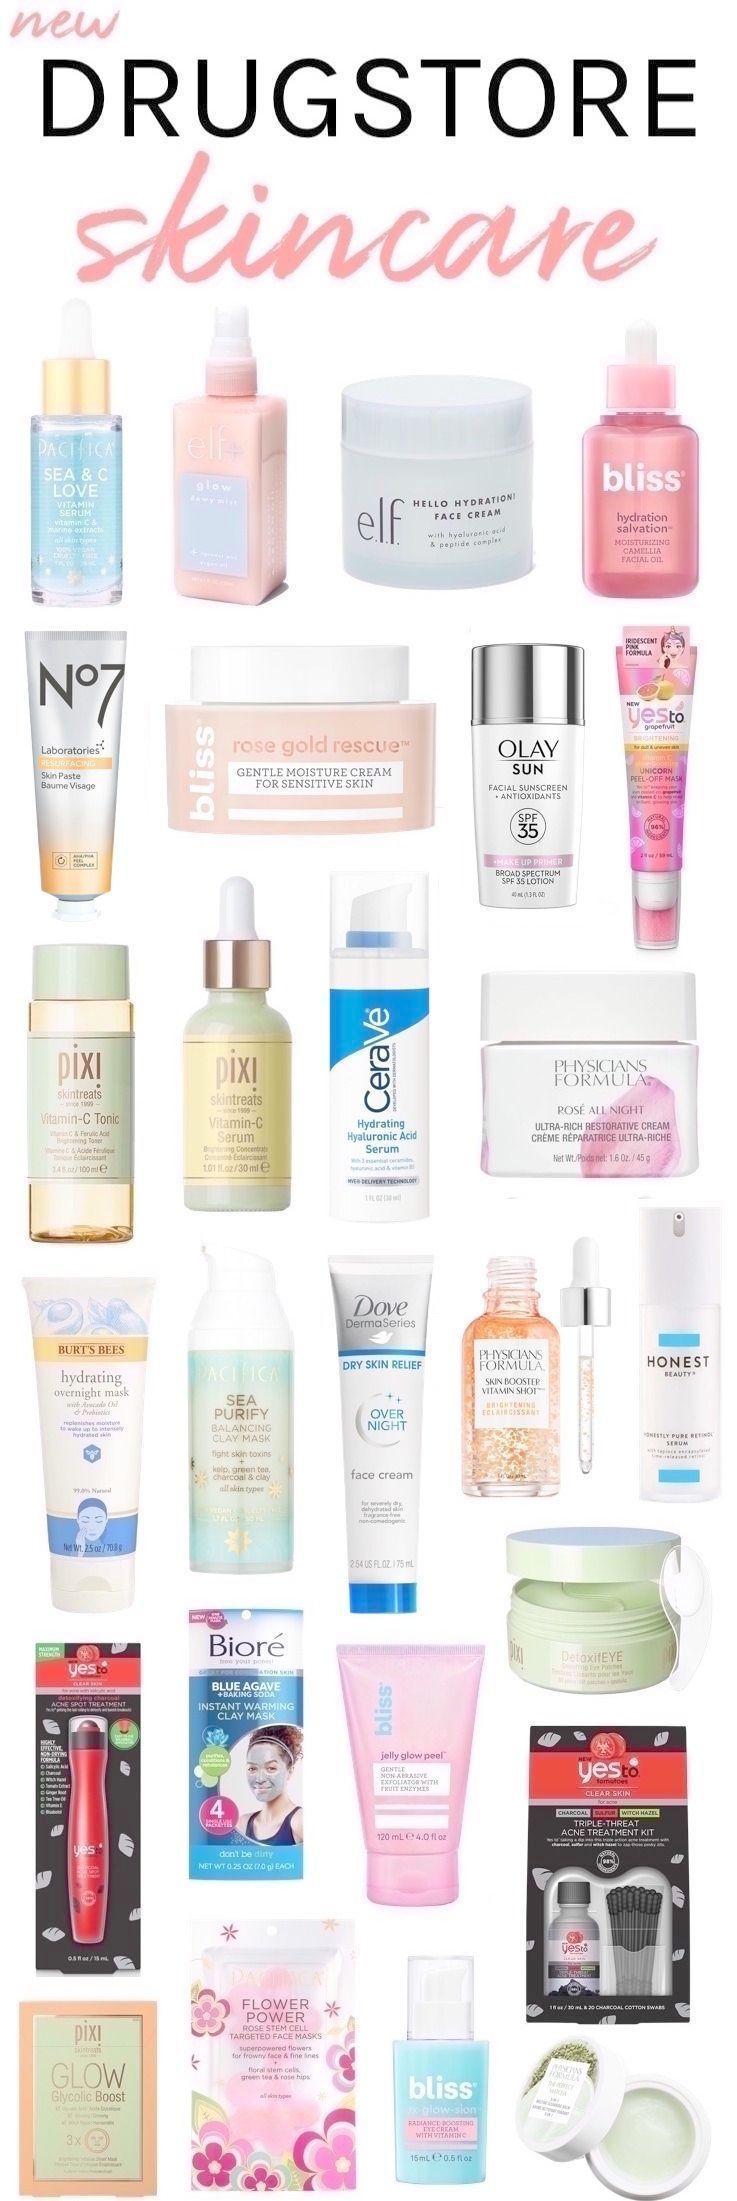 Skincare Fridge Amazon Uk Entre El Sitio Web De Revision De Productos Para El Cuidado De La Piel Hacia Skinc In 2020 Drugstore Skincare Skin Care Beauty Skin Care